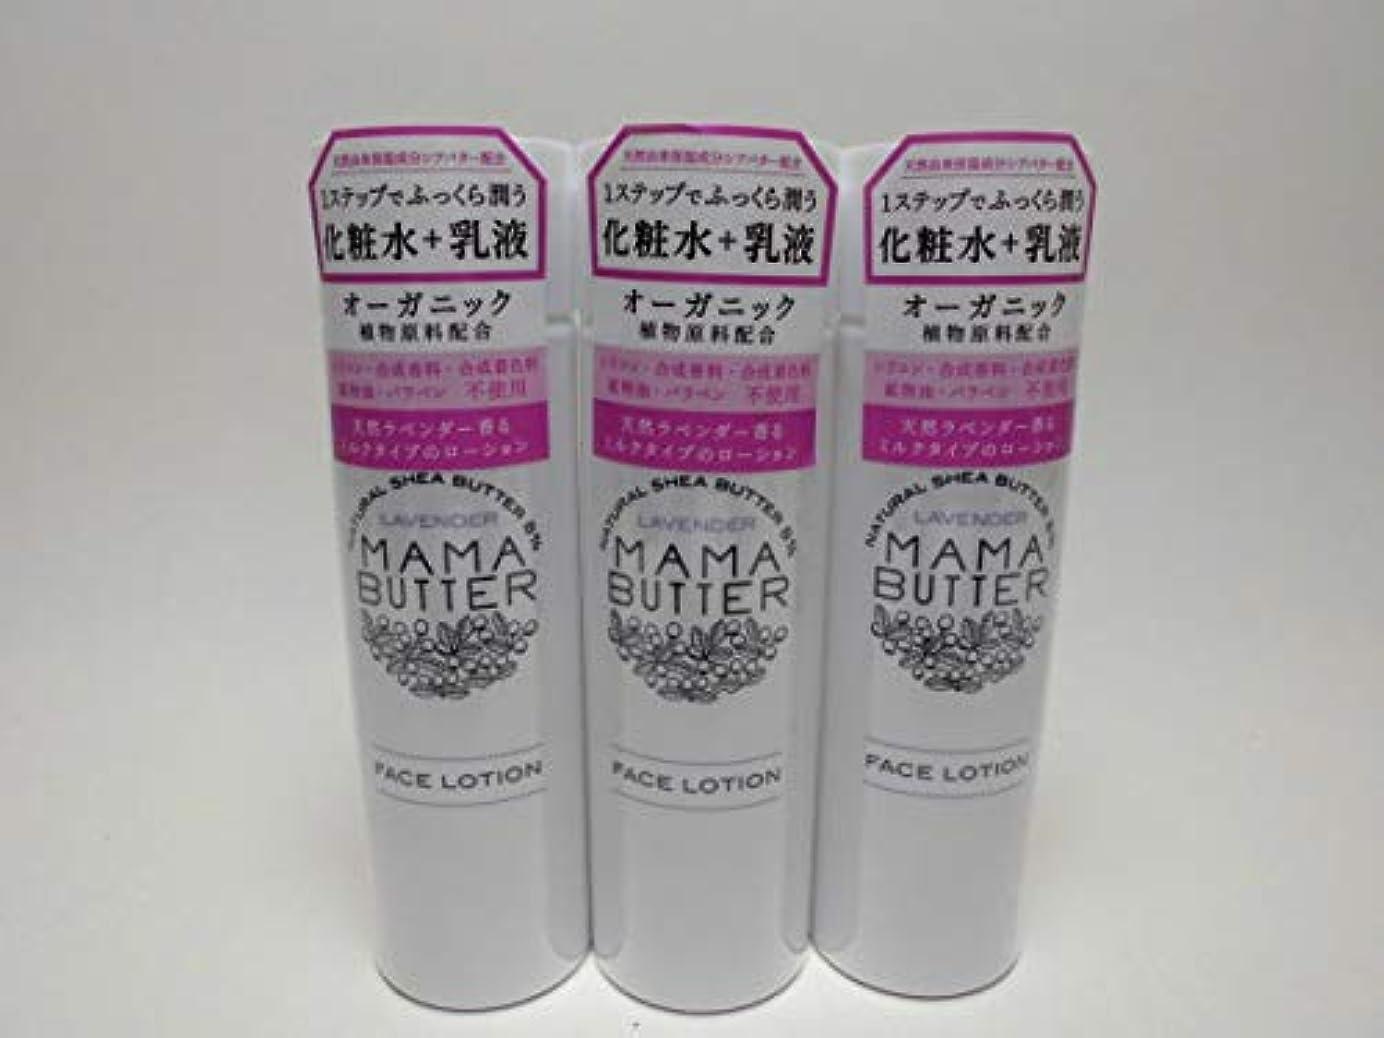 アナニバー尊敬する労働【3個セット】ママバター 化粧水 フェイスローション 200ml 定価1620円